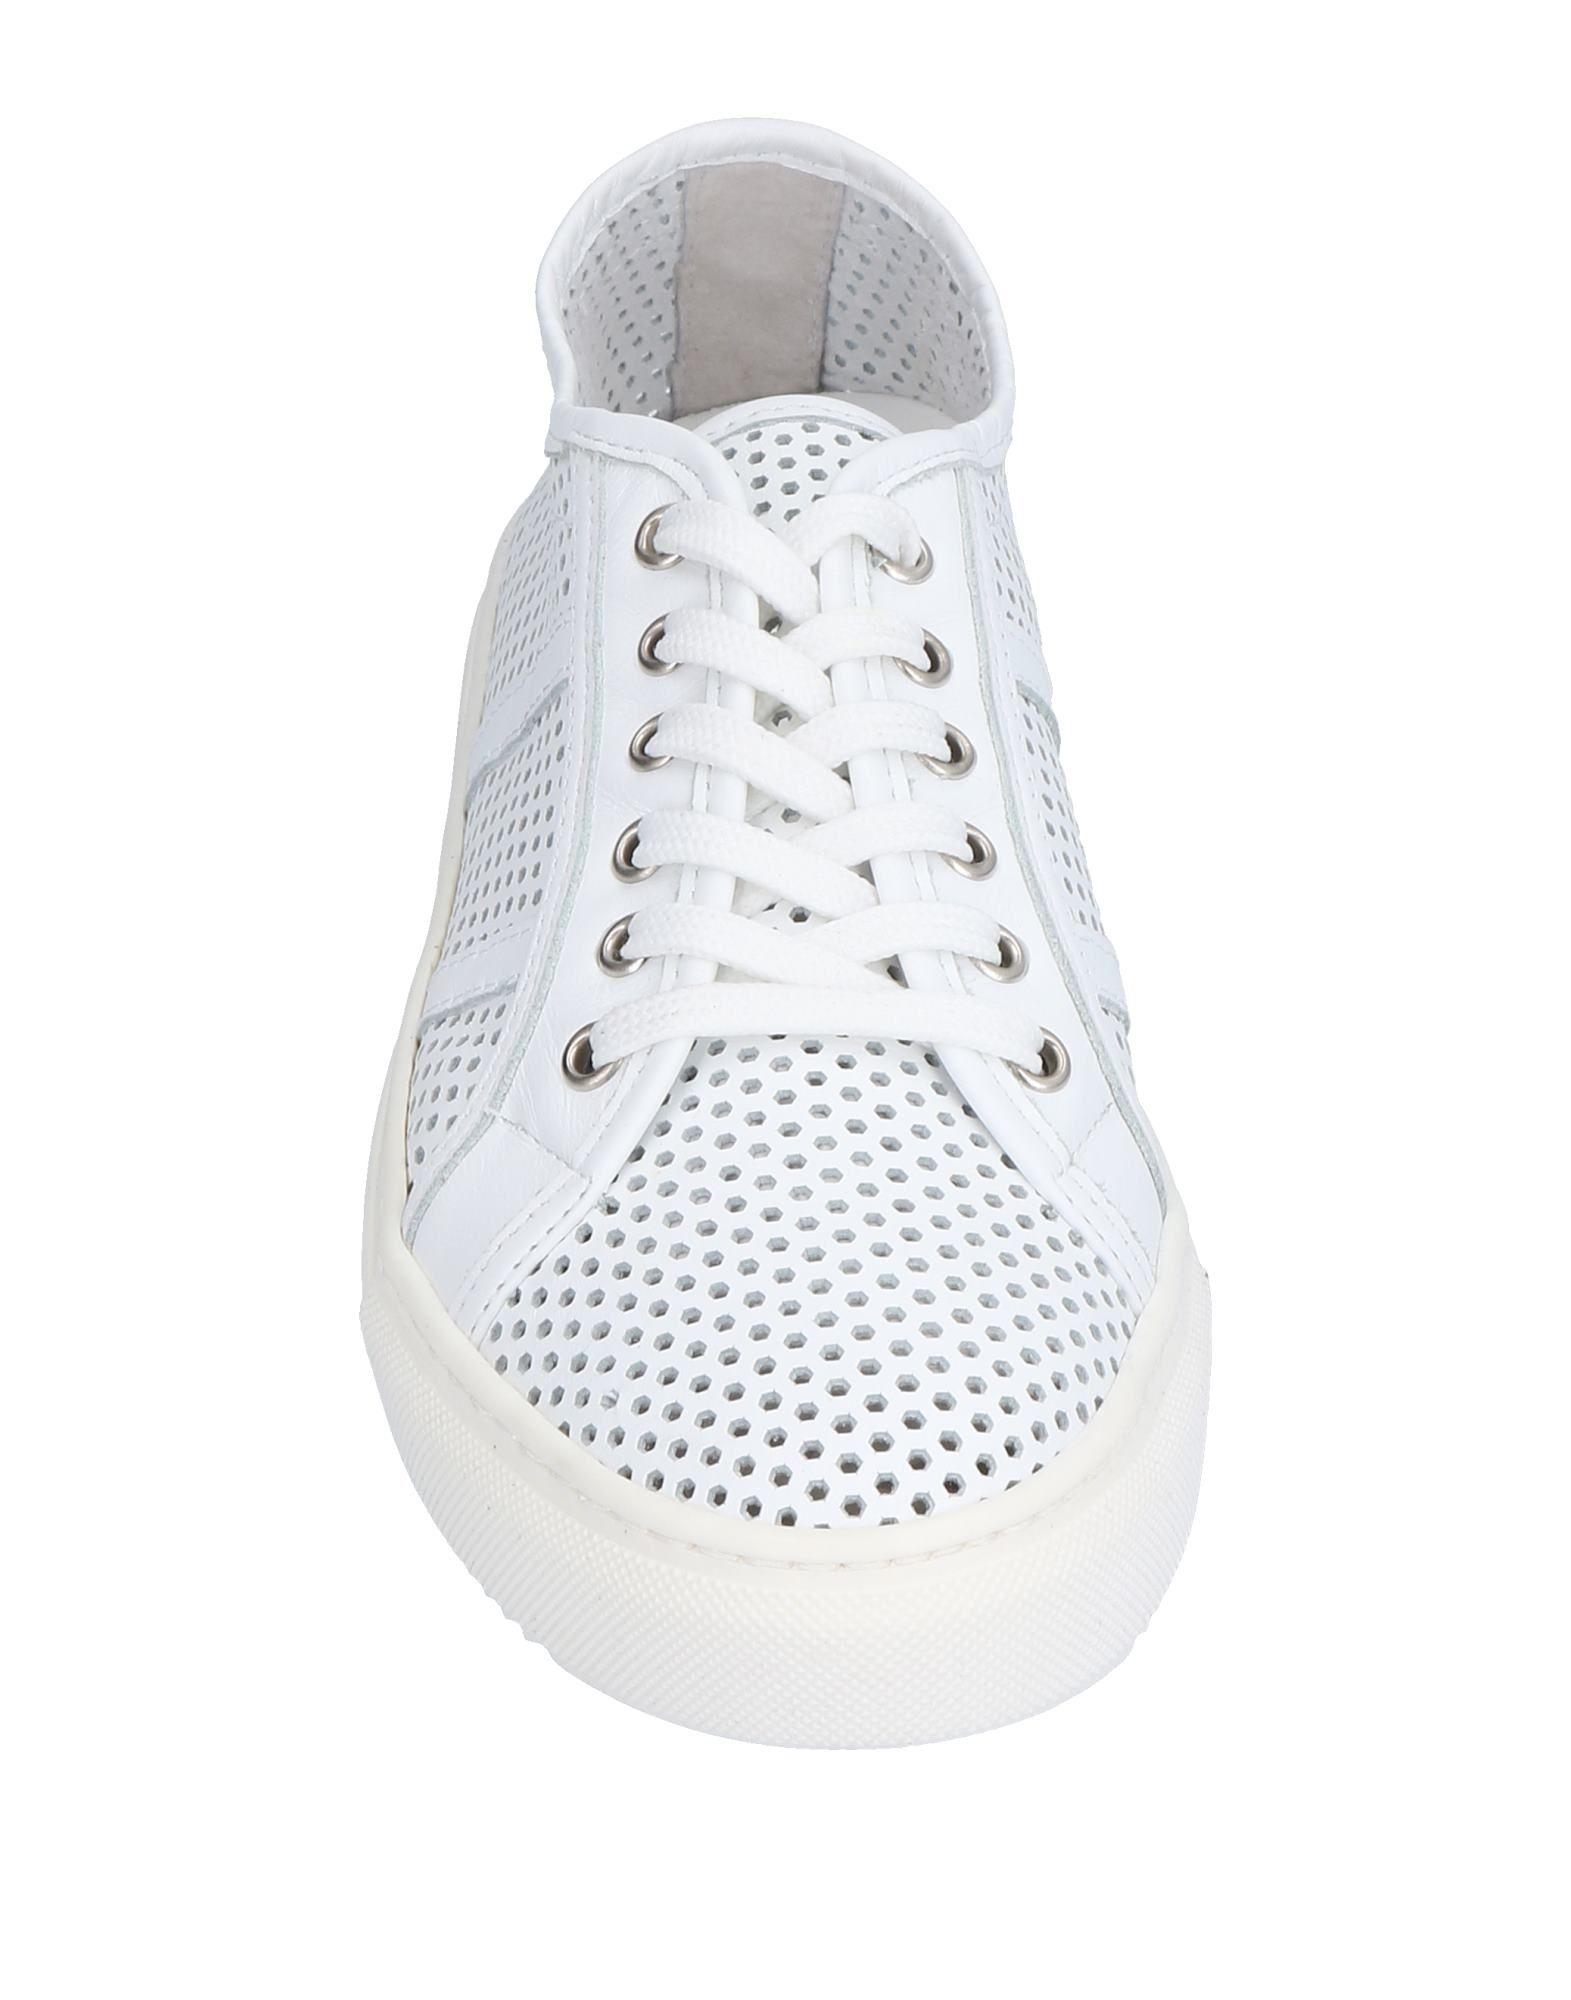 Daniele Alessandrini Homme Homme Homme Sneakers - Men Daniele Alessandrini Homme Sneakers online on  Australia - 11416844CA bd3025